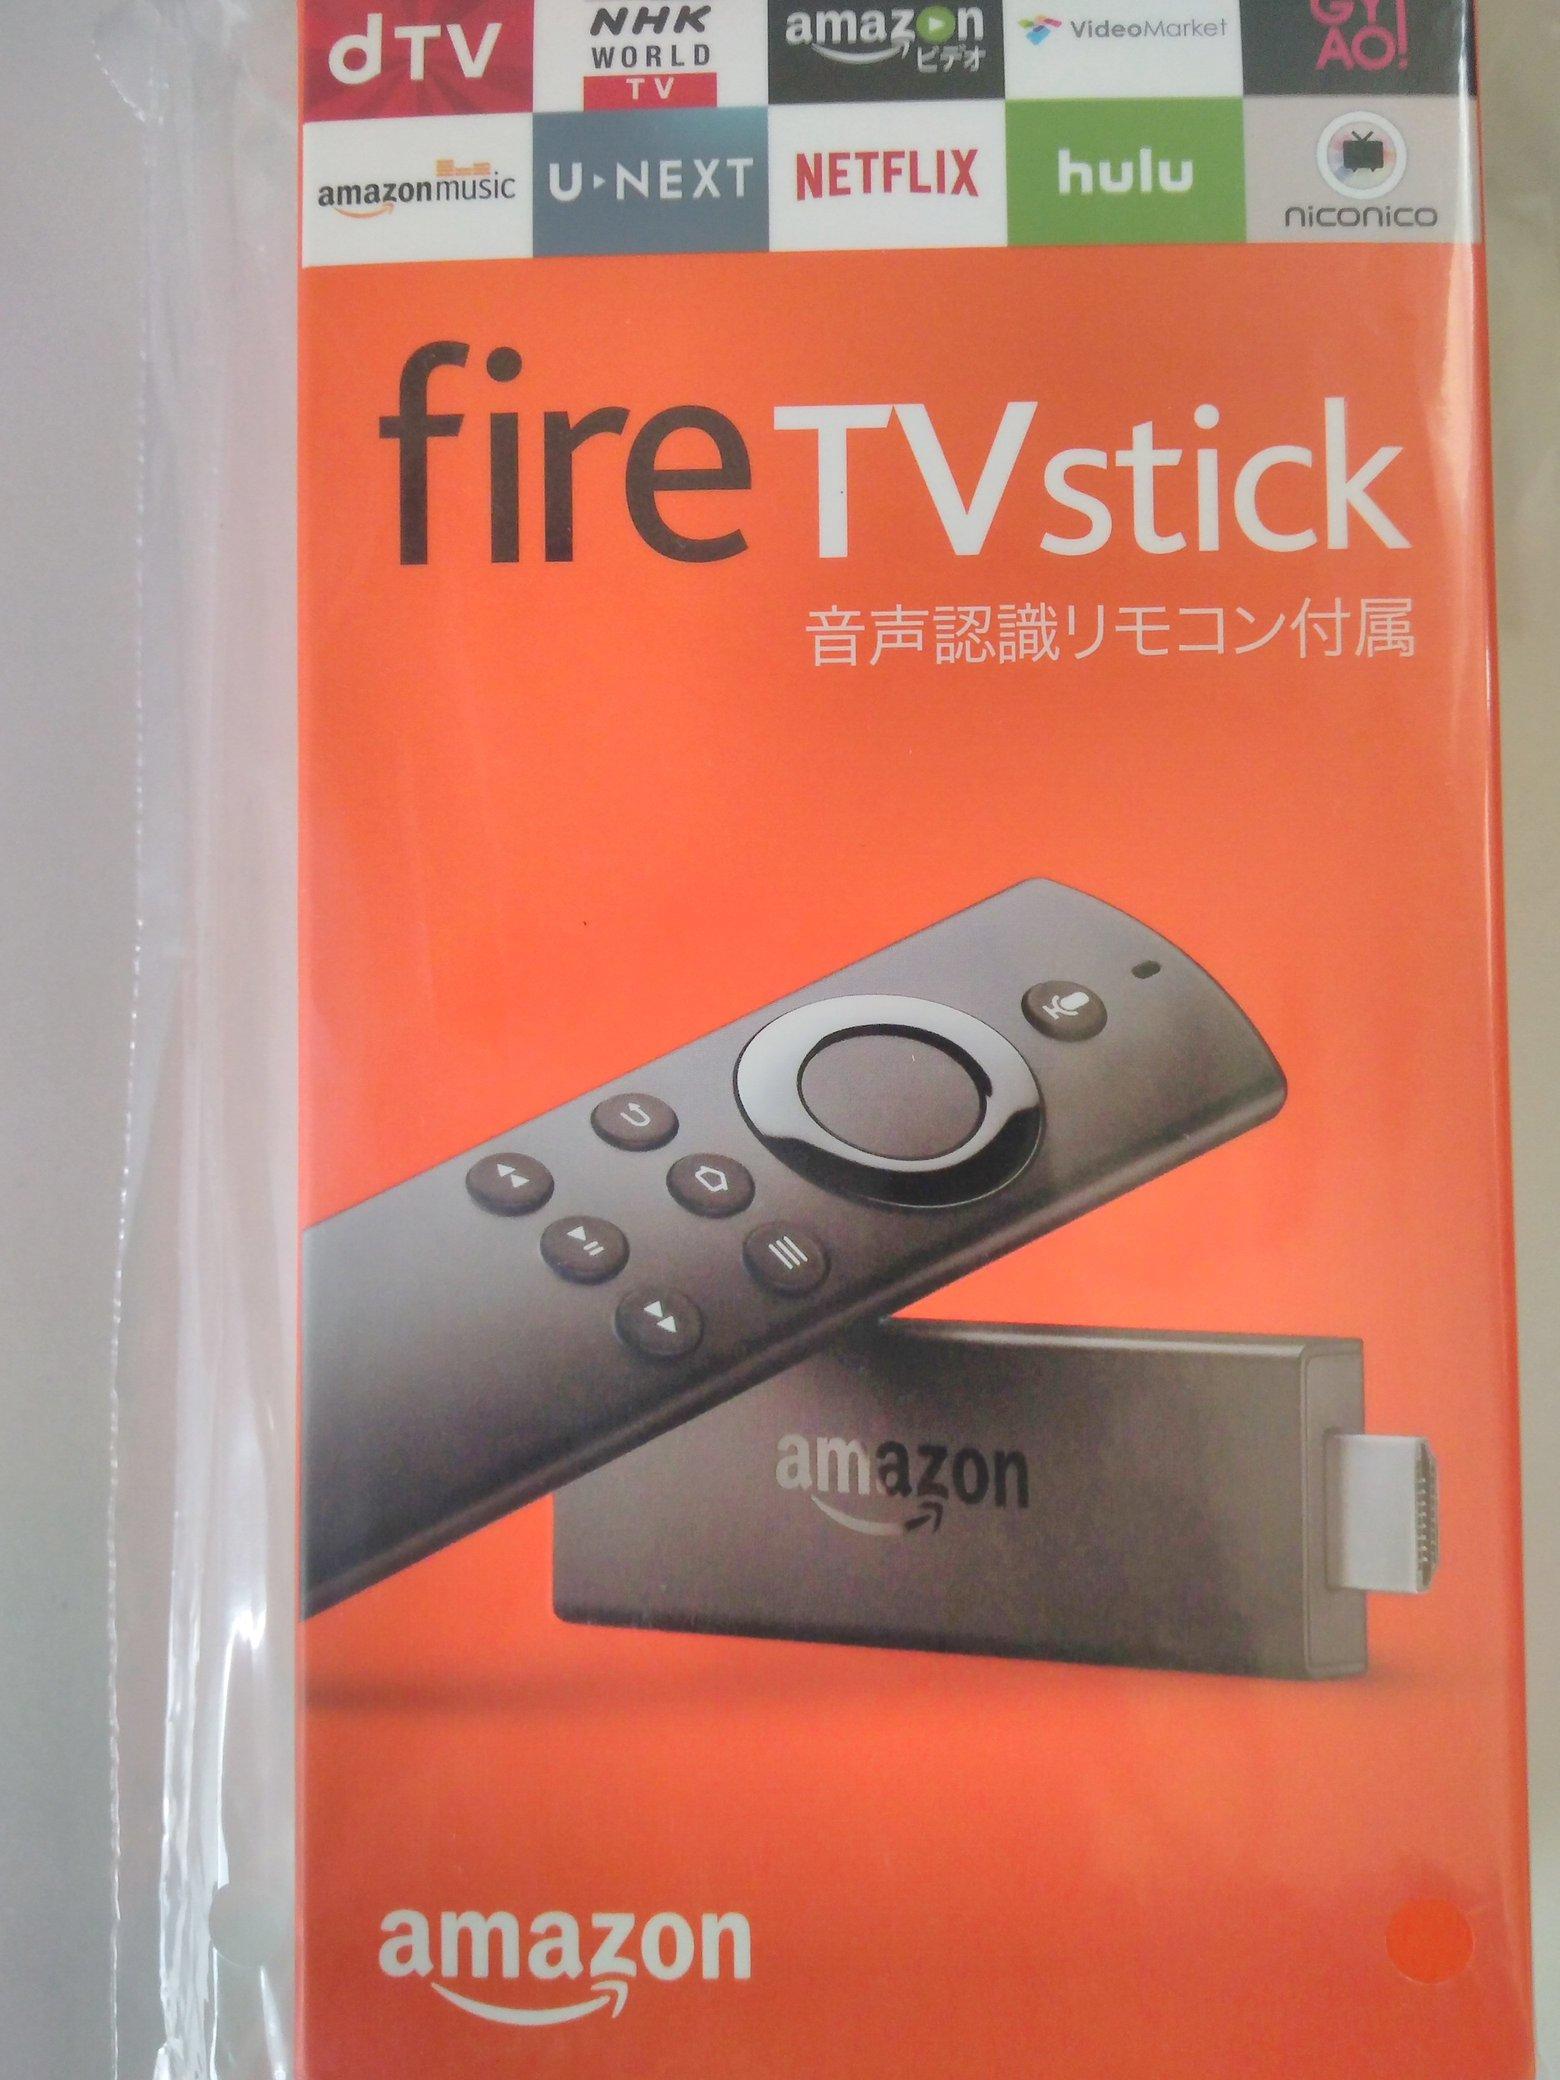 Fire TV Stickのオレンジ色の外箱。パッケージには立てられたFire TV Stickによりかかるようにそのリモコンが乗っている構図の写真です。